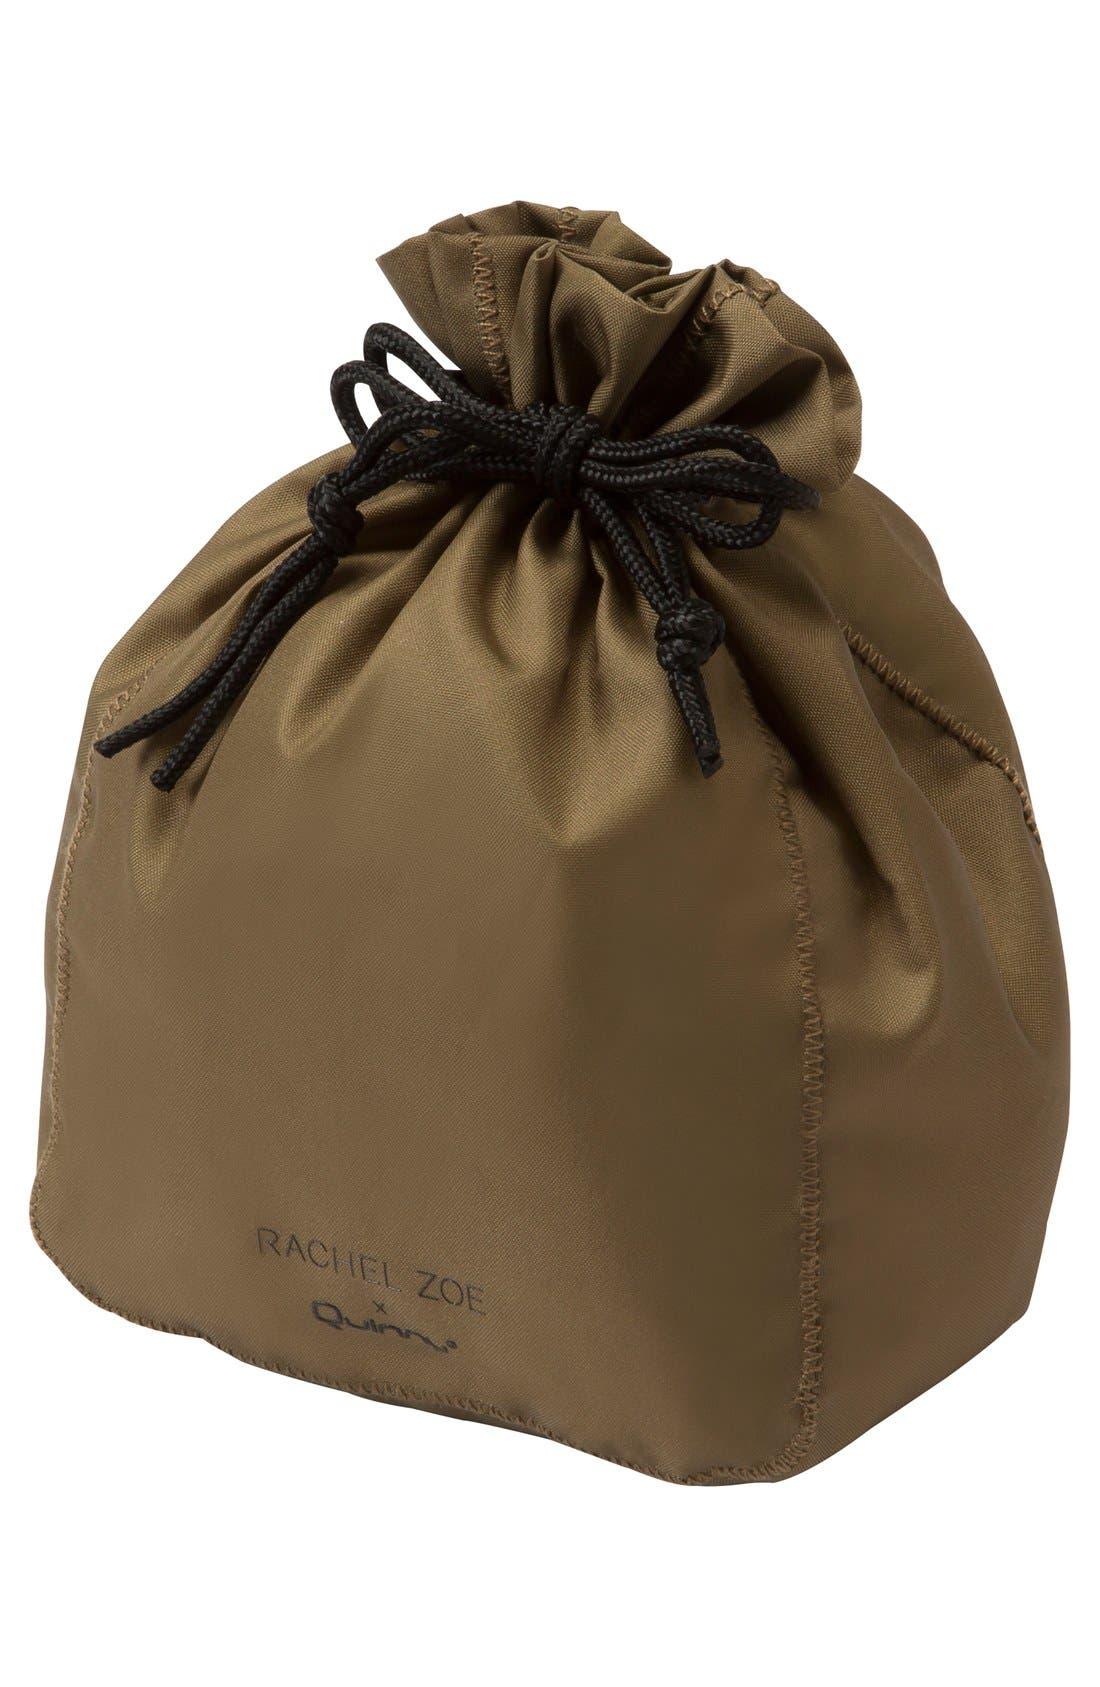 x Rachel Zoe 'Jet Set' Canvas Diaper Bag,                             Alternate thumbnail 8, color,                             100